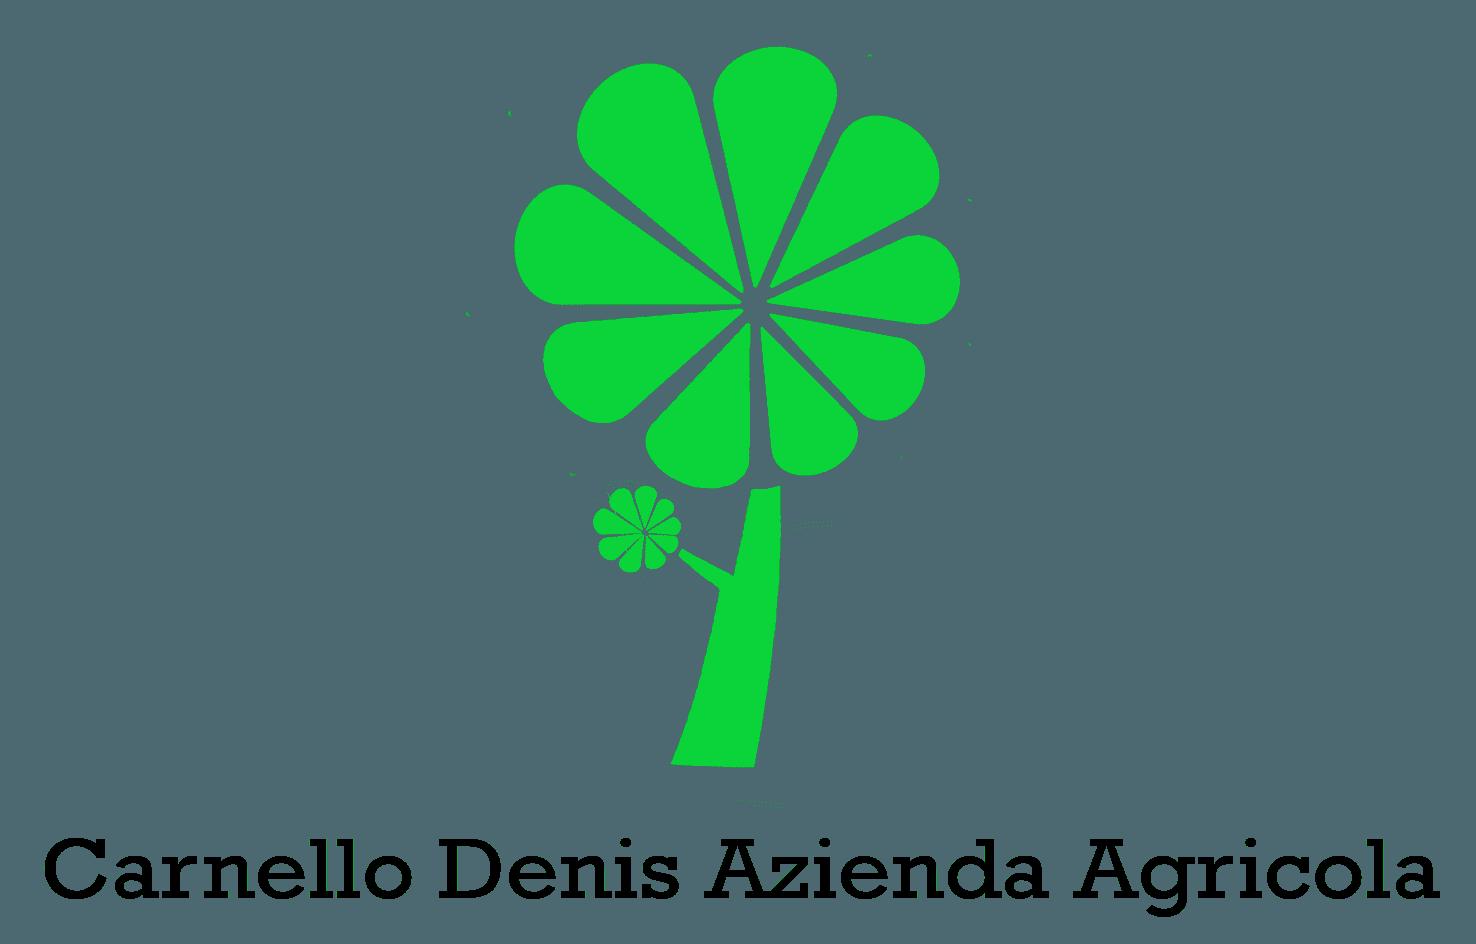 Carnello Denis Azienda Agricola - Logo